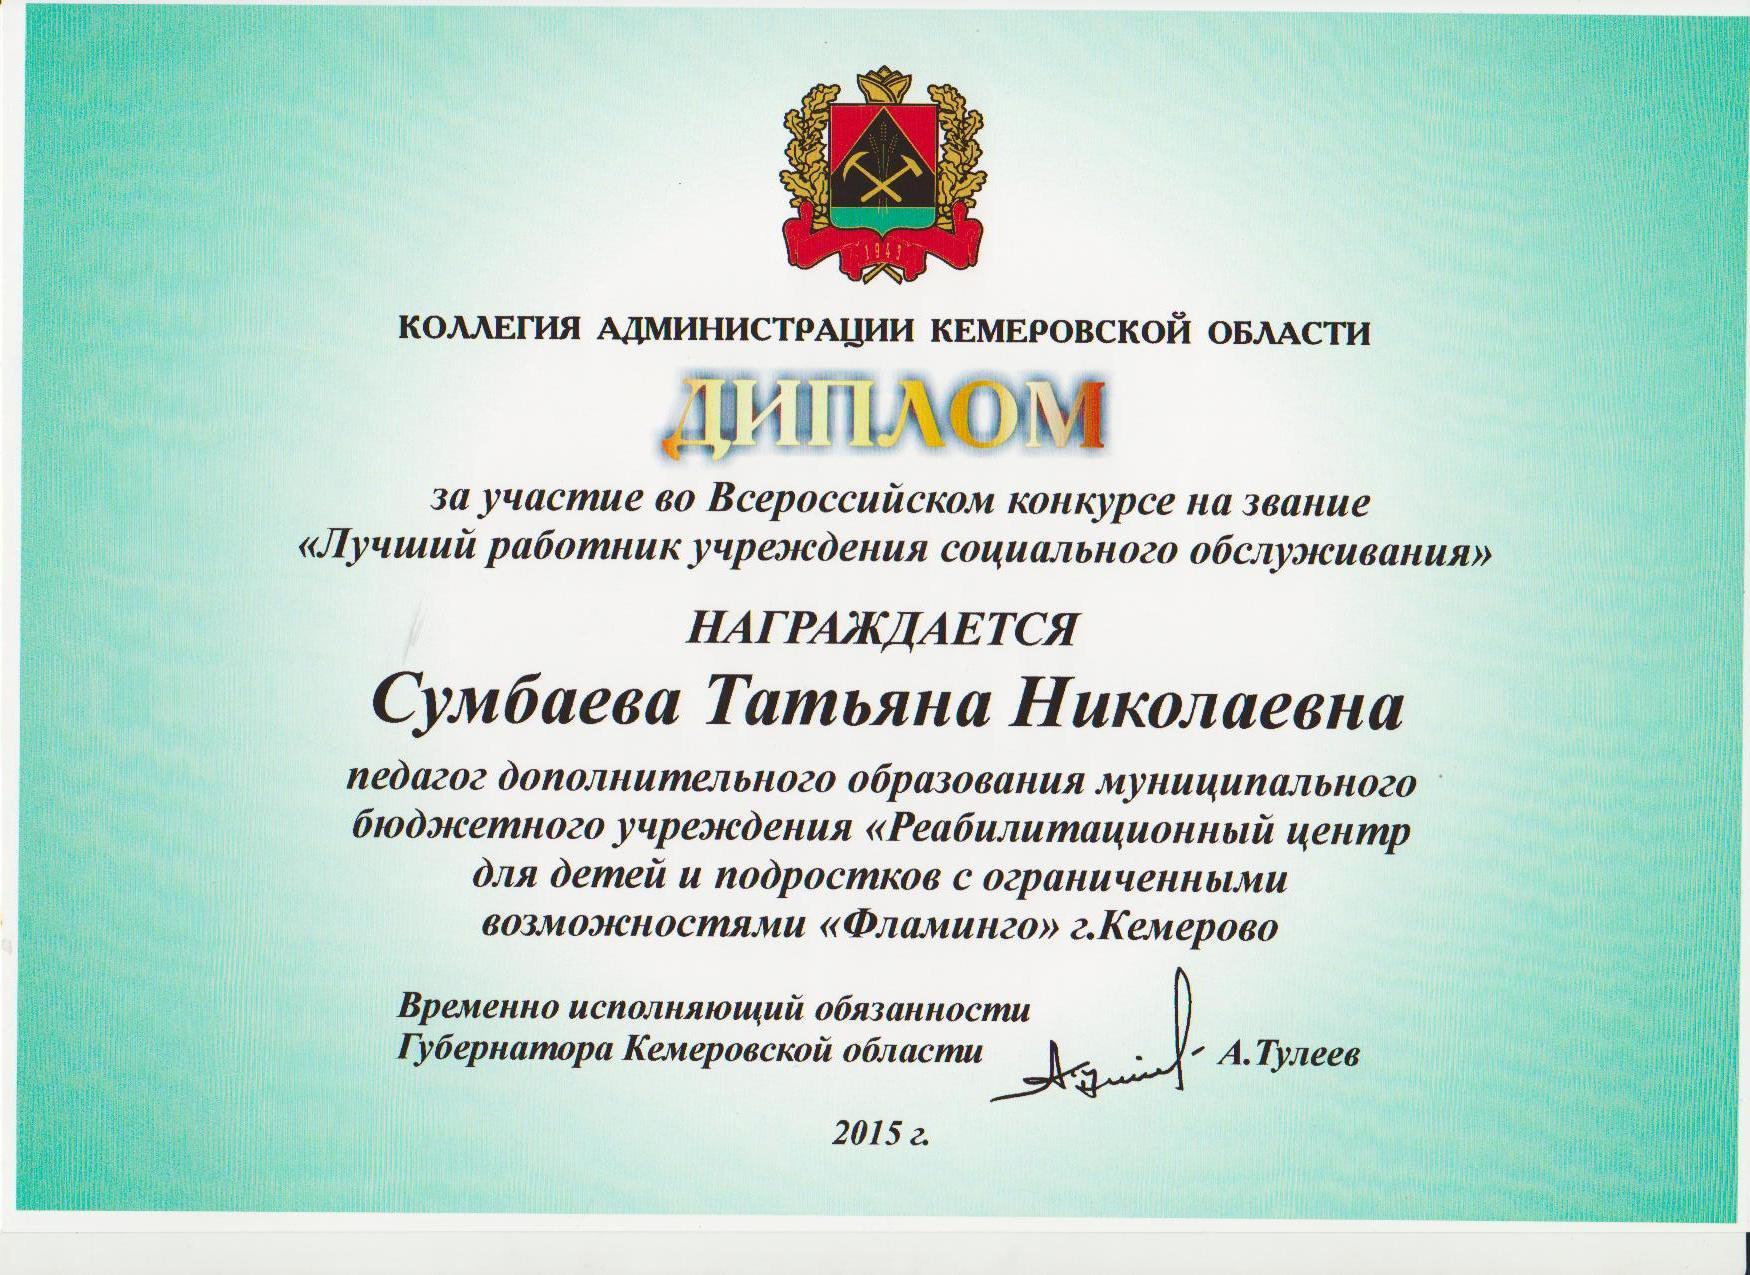 Всероссийский конкурс на звание лучший работник учреждения социального обслуживание